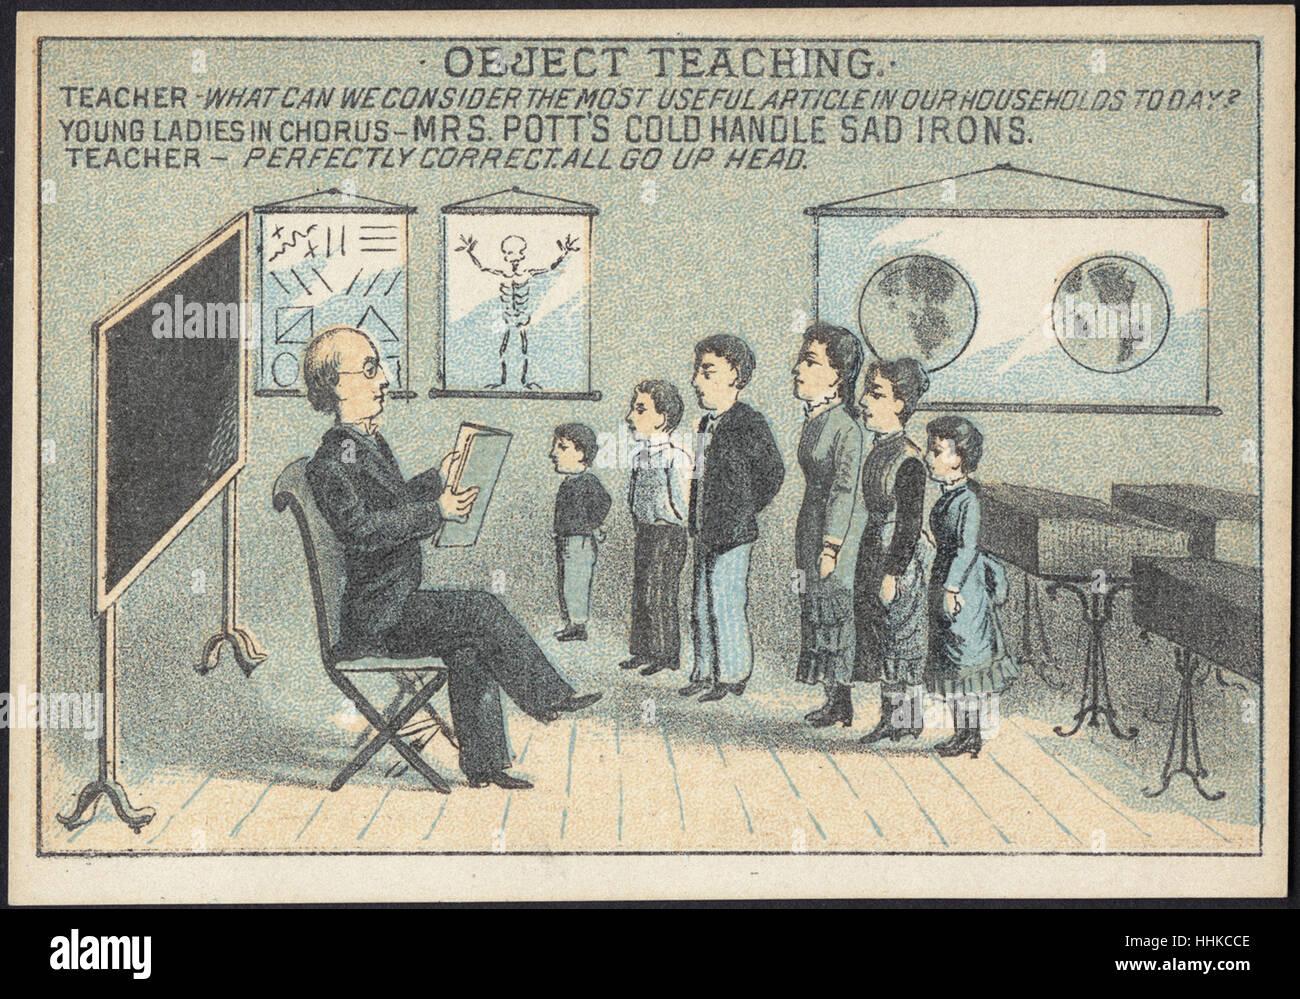 L'enseignement de l'objet. Enseignant - que pouvons-nous envisager l'article le plus utile dans nos Photo Stock